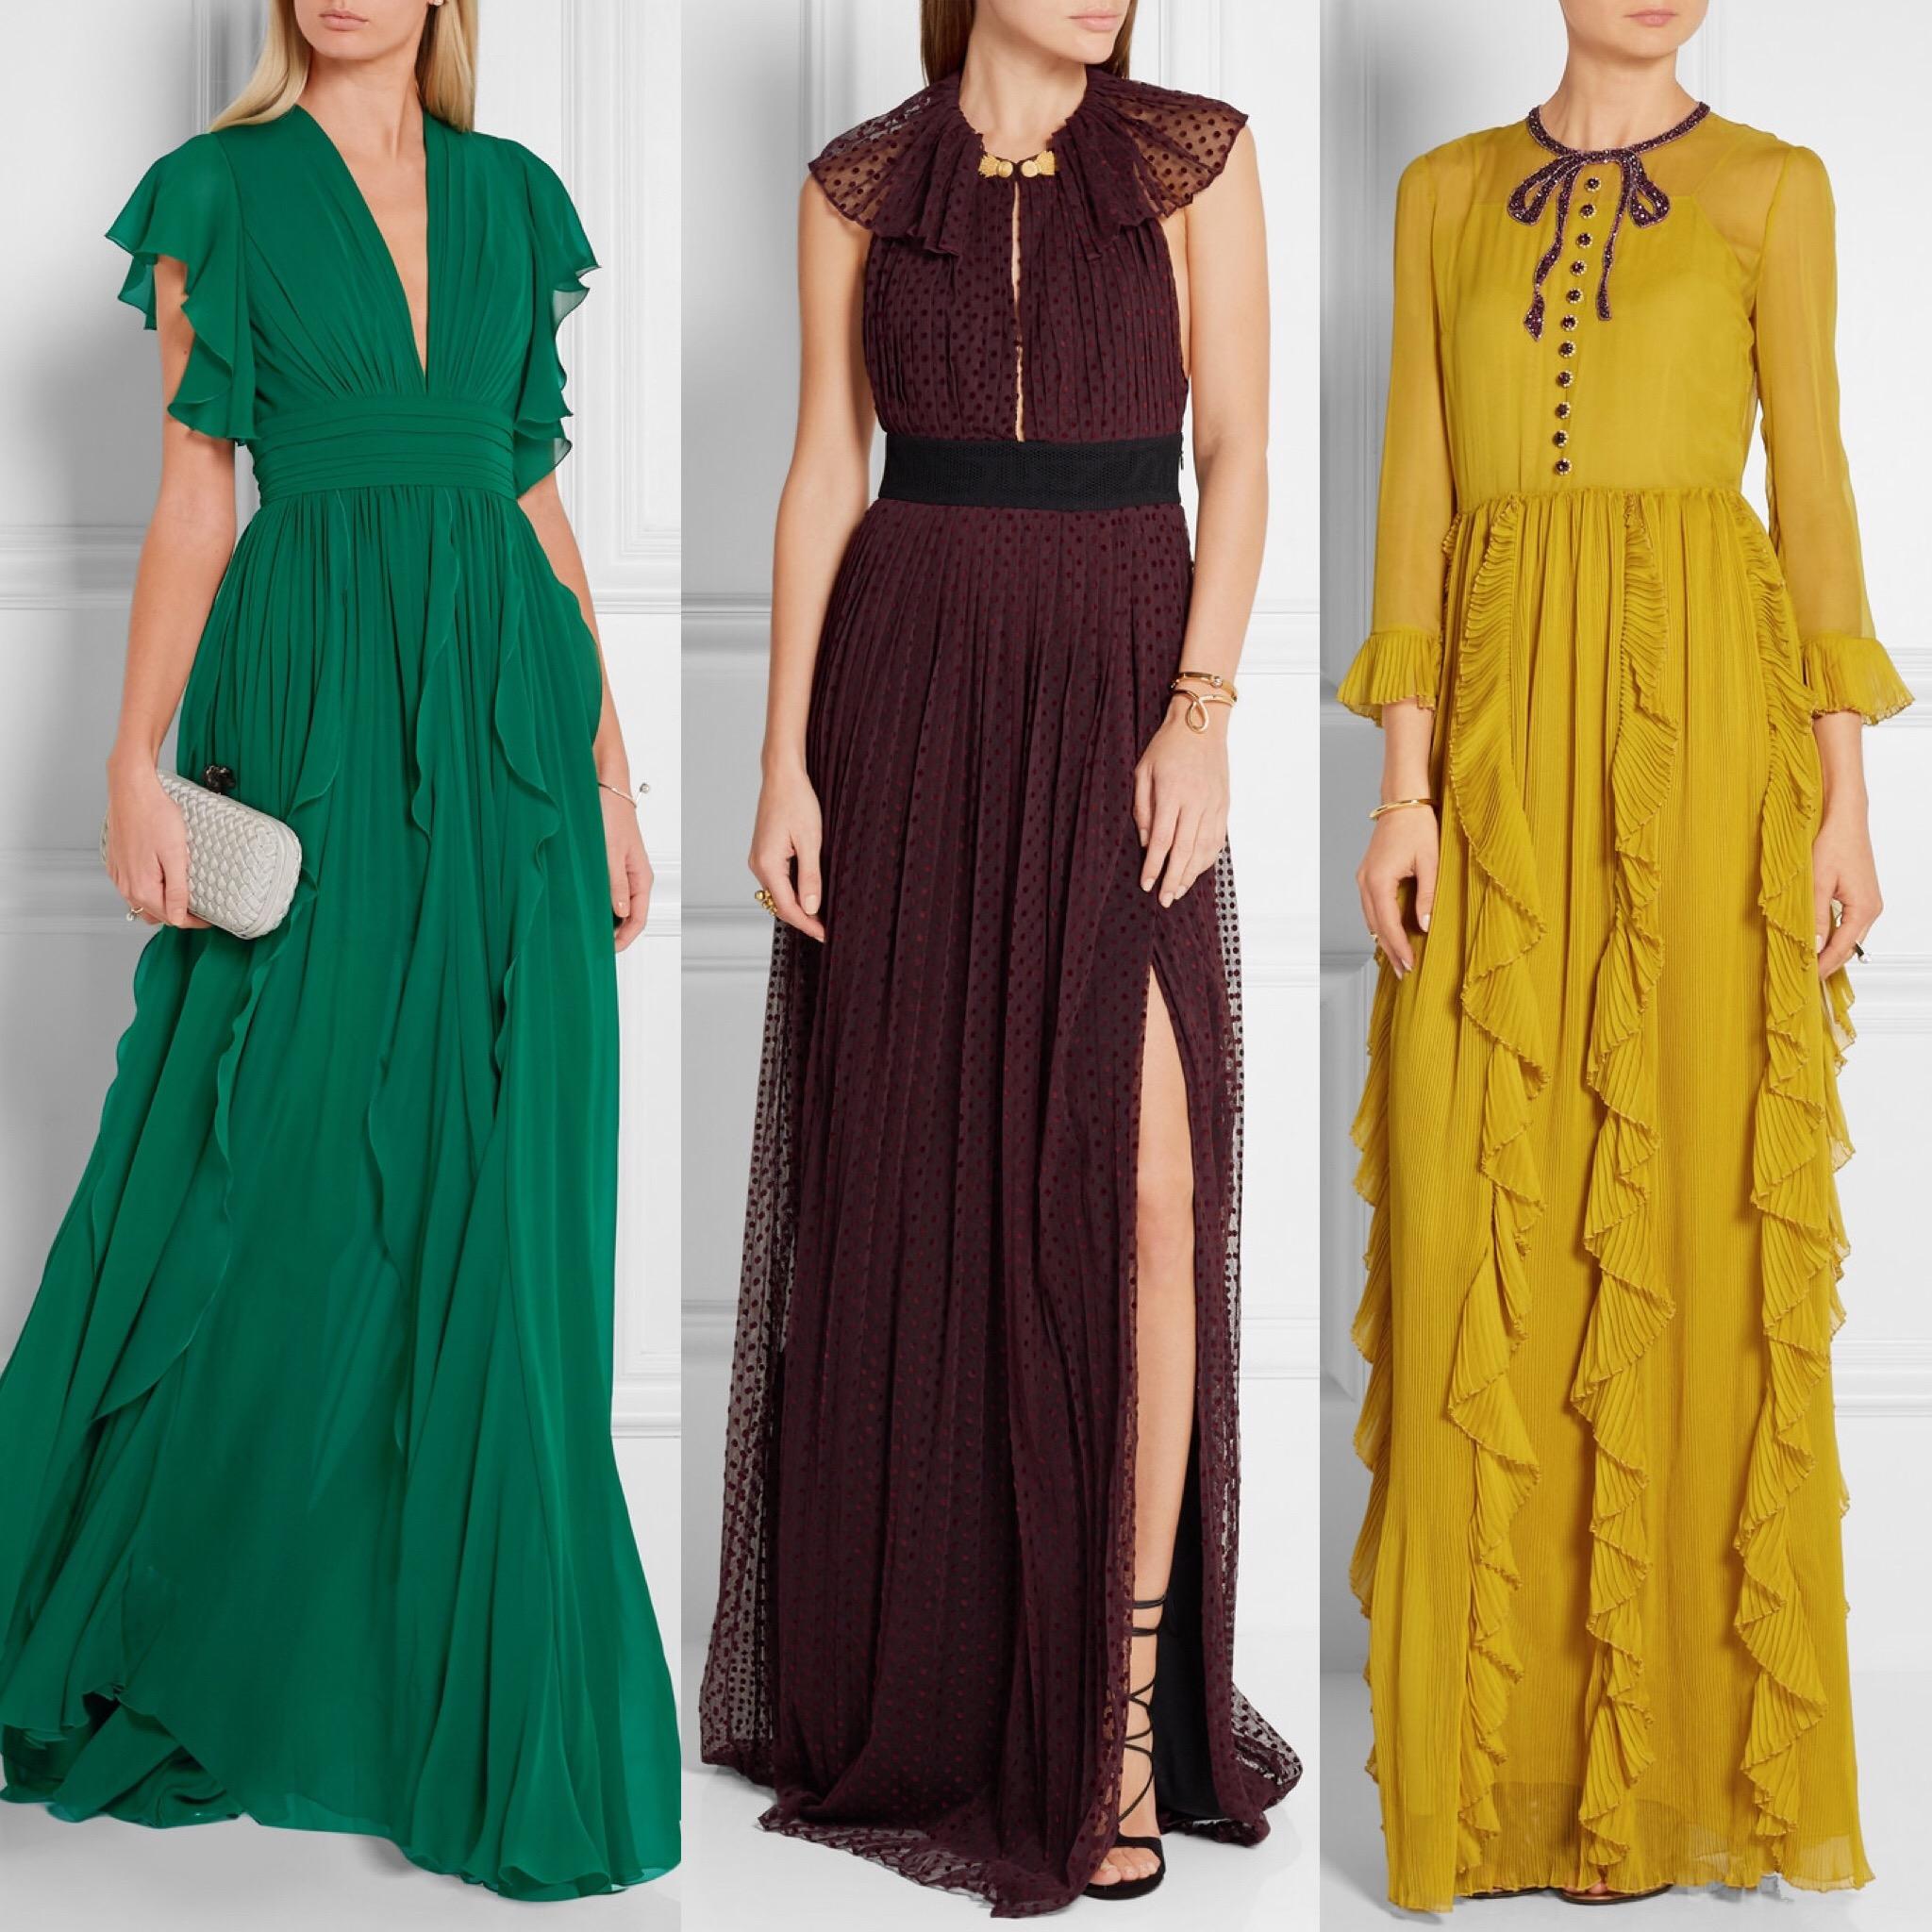 a4e9739c52a3 Come vestirsi a un matrimonio di sera 3